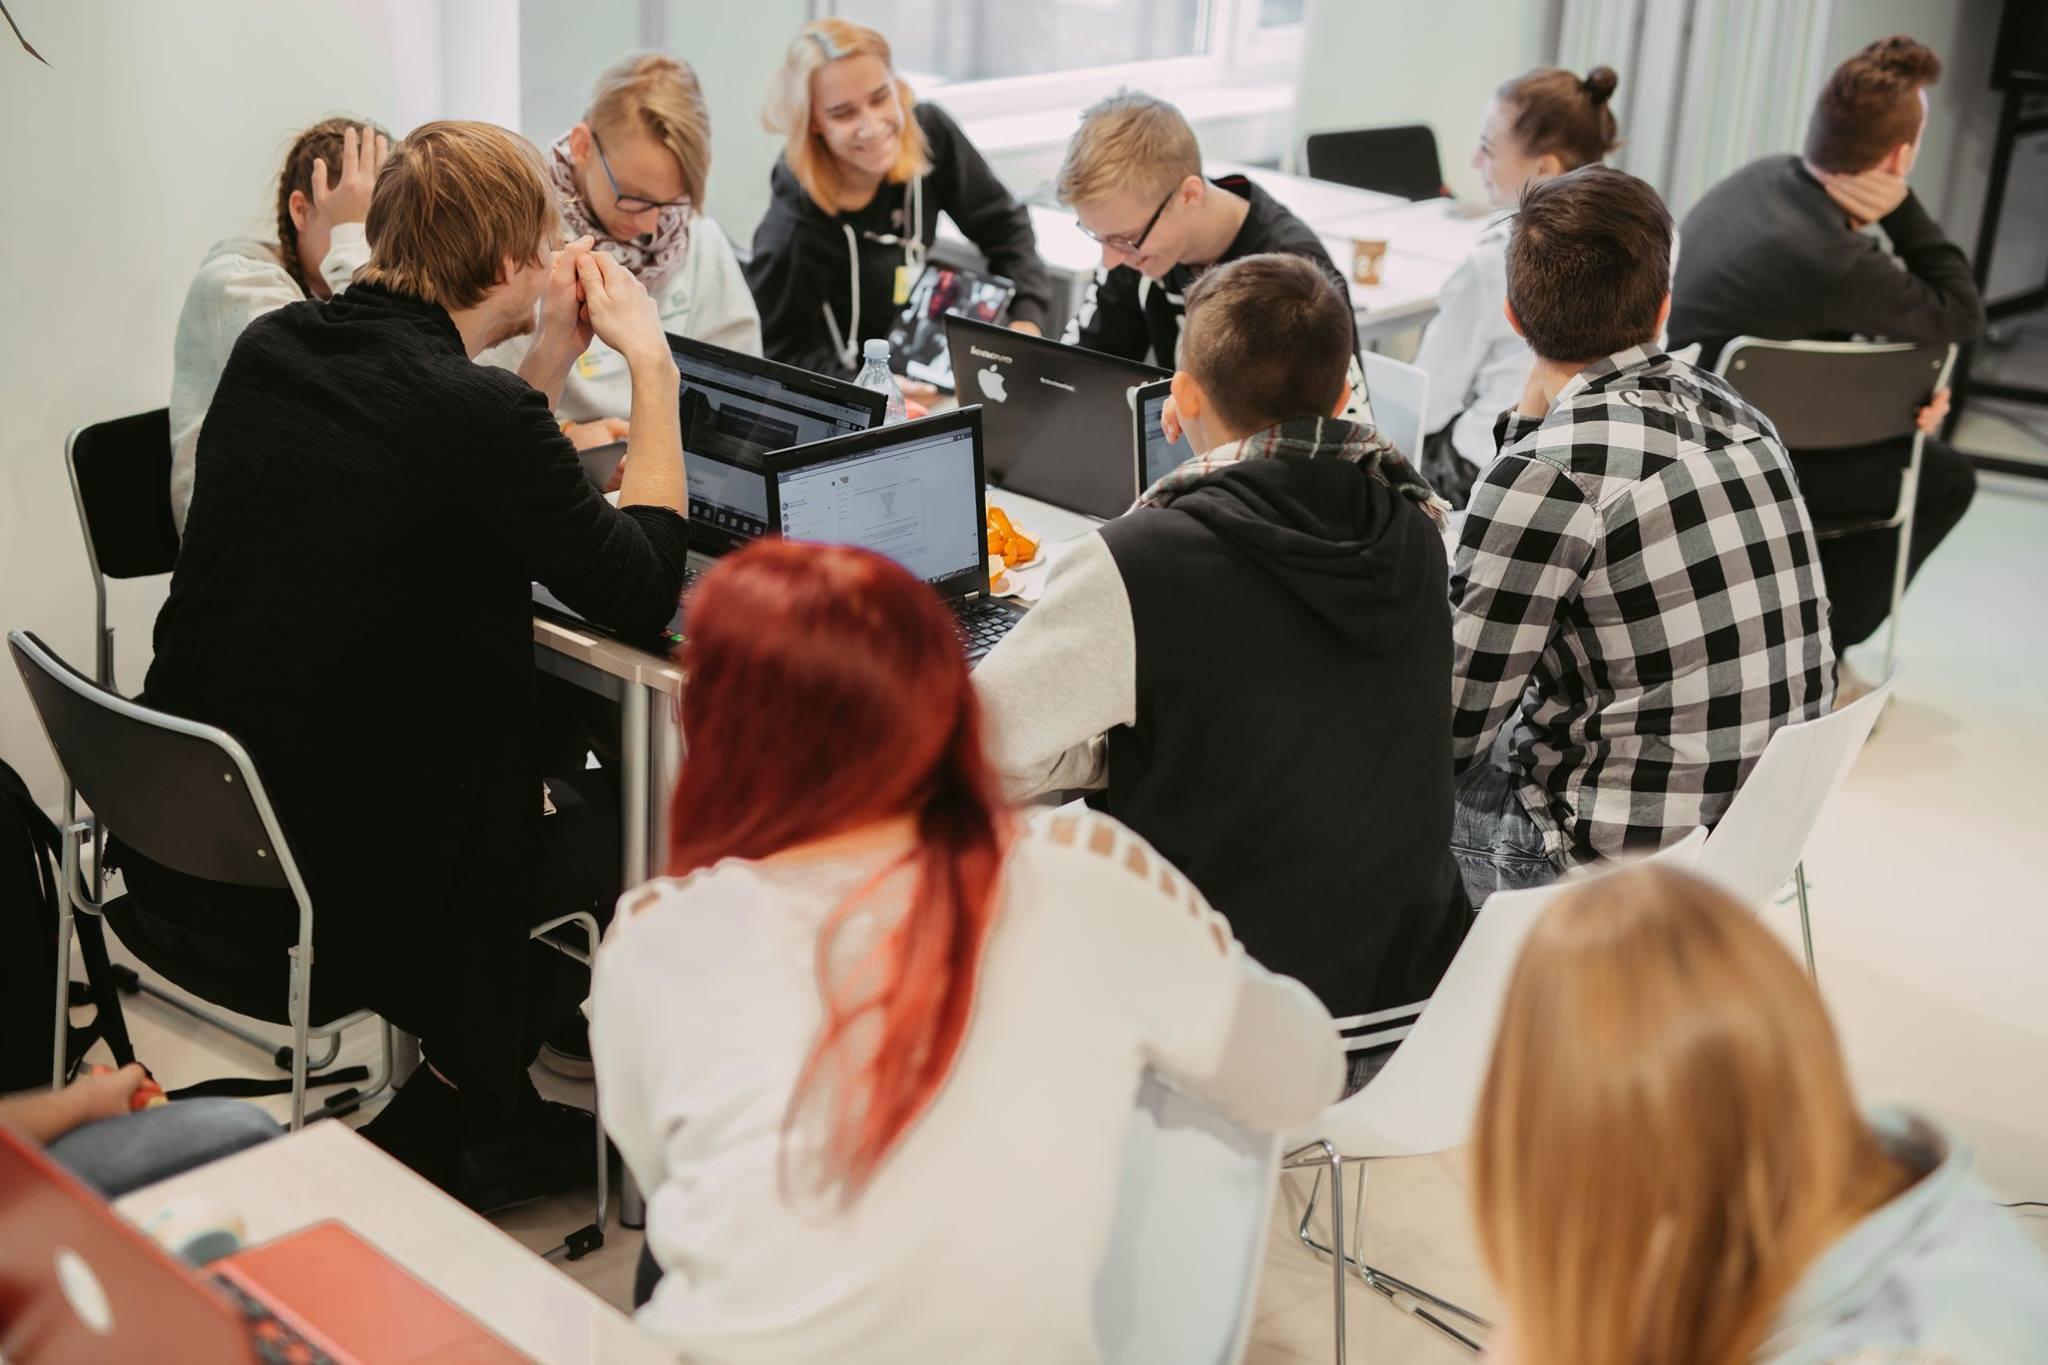 12 soovitust noorele ettevõtlusega alustamiseks